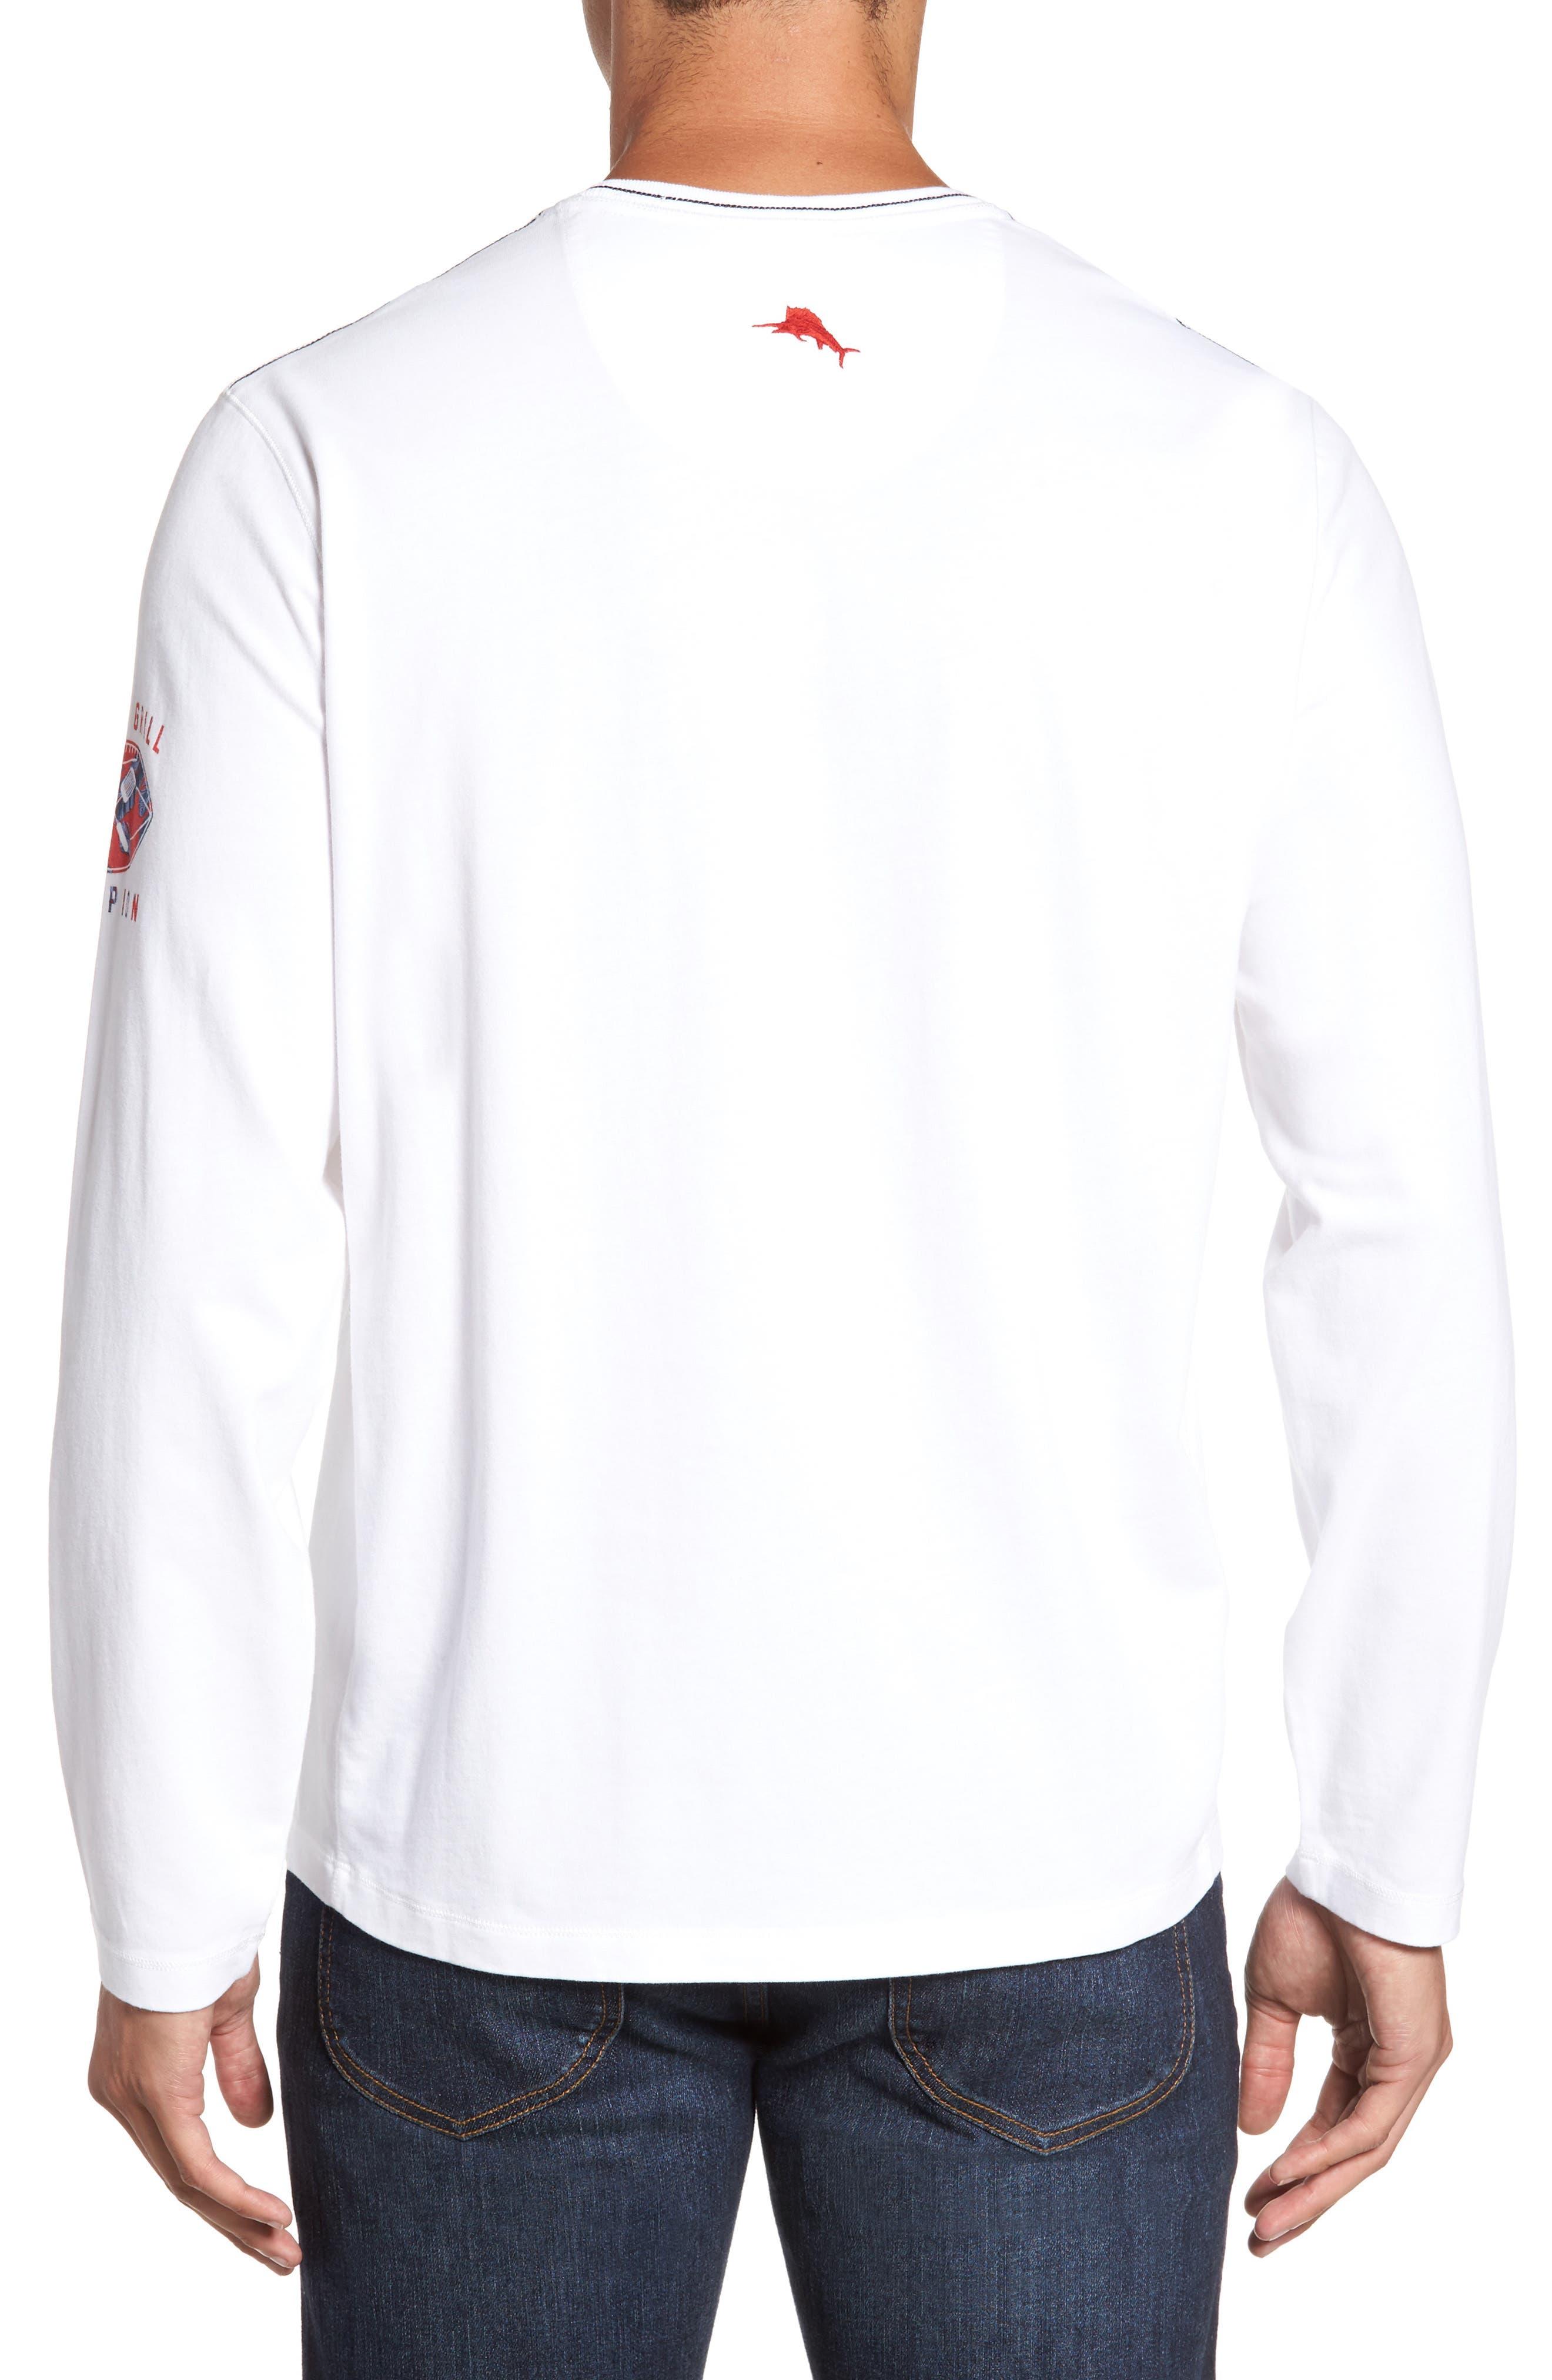 NFL Palm Action T-Shirt,                             Alternate thumbnail 2, color,                             101